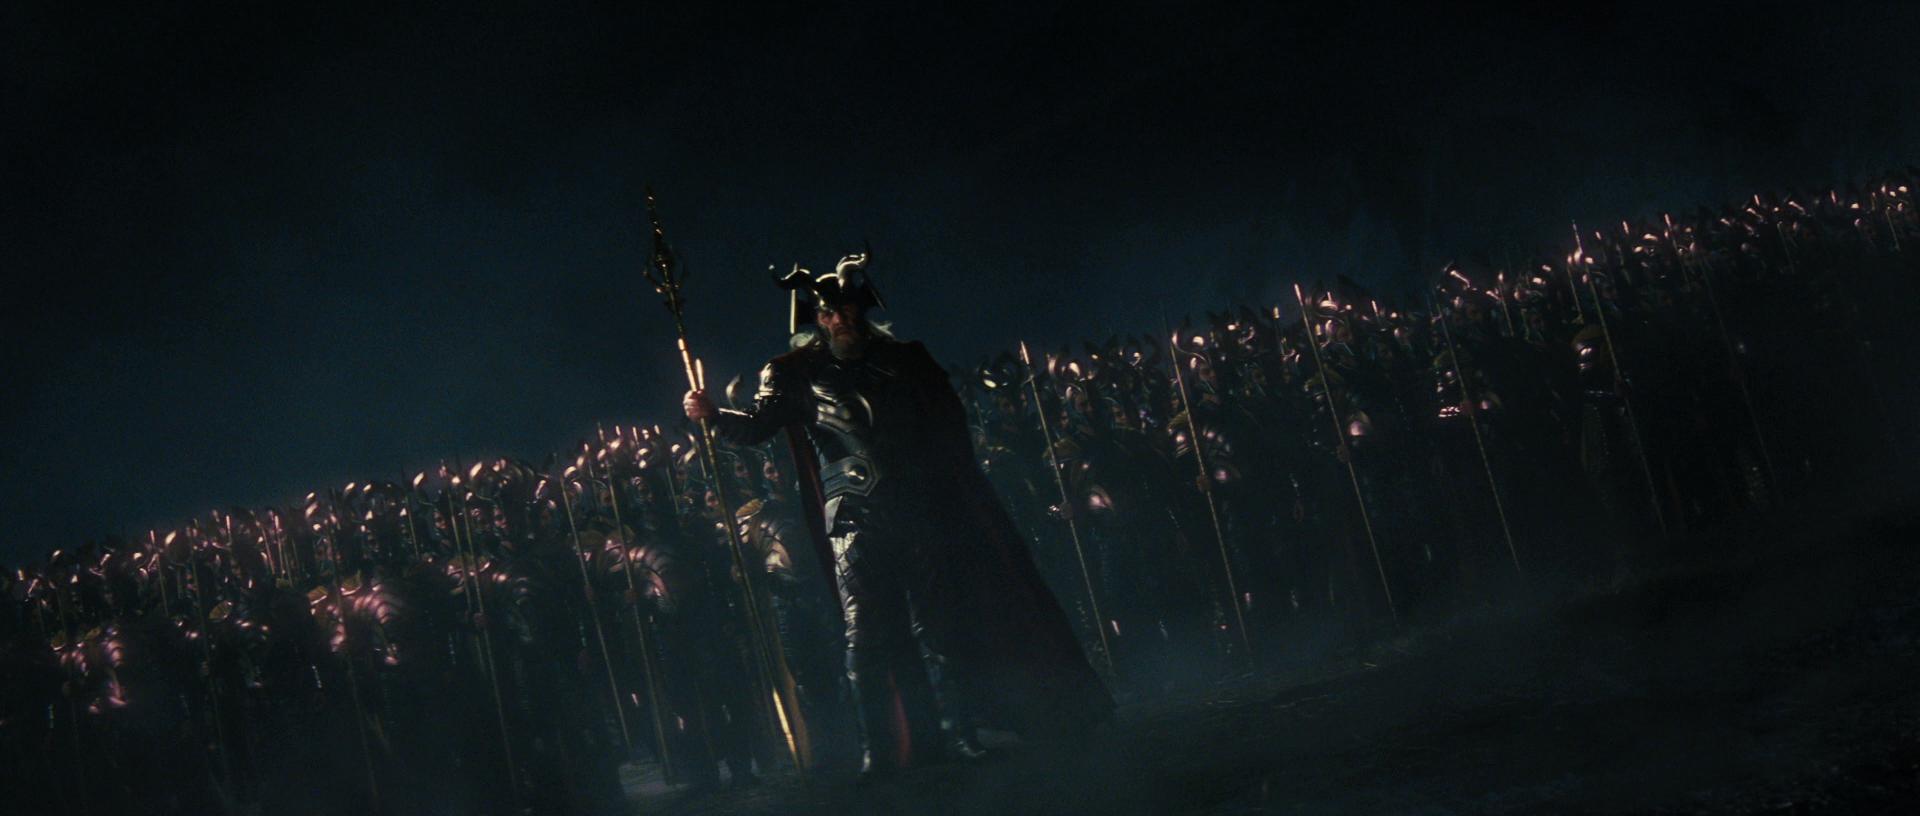 Jogo 01 - Saga de Asgard - A Ameaça Fantasma a Asgard - Página 2 Latest?cb=20141209065606